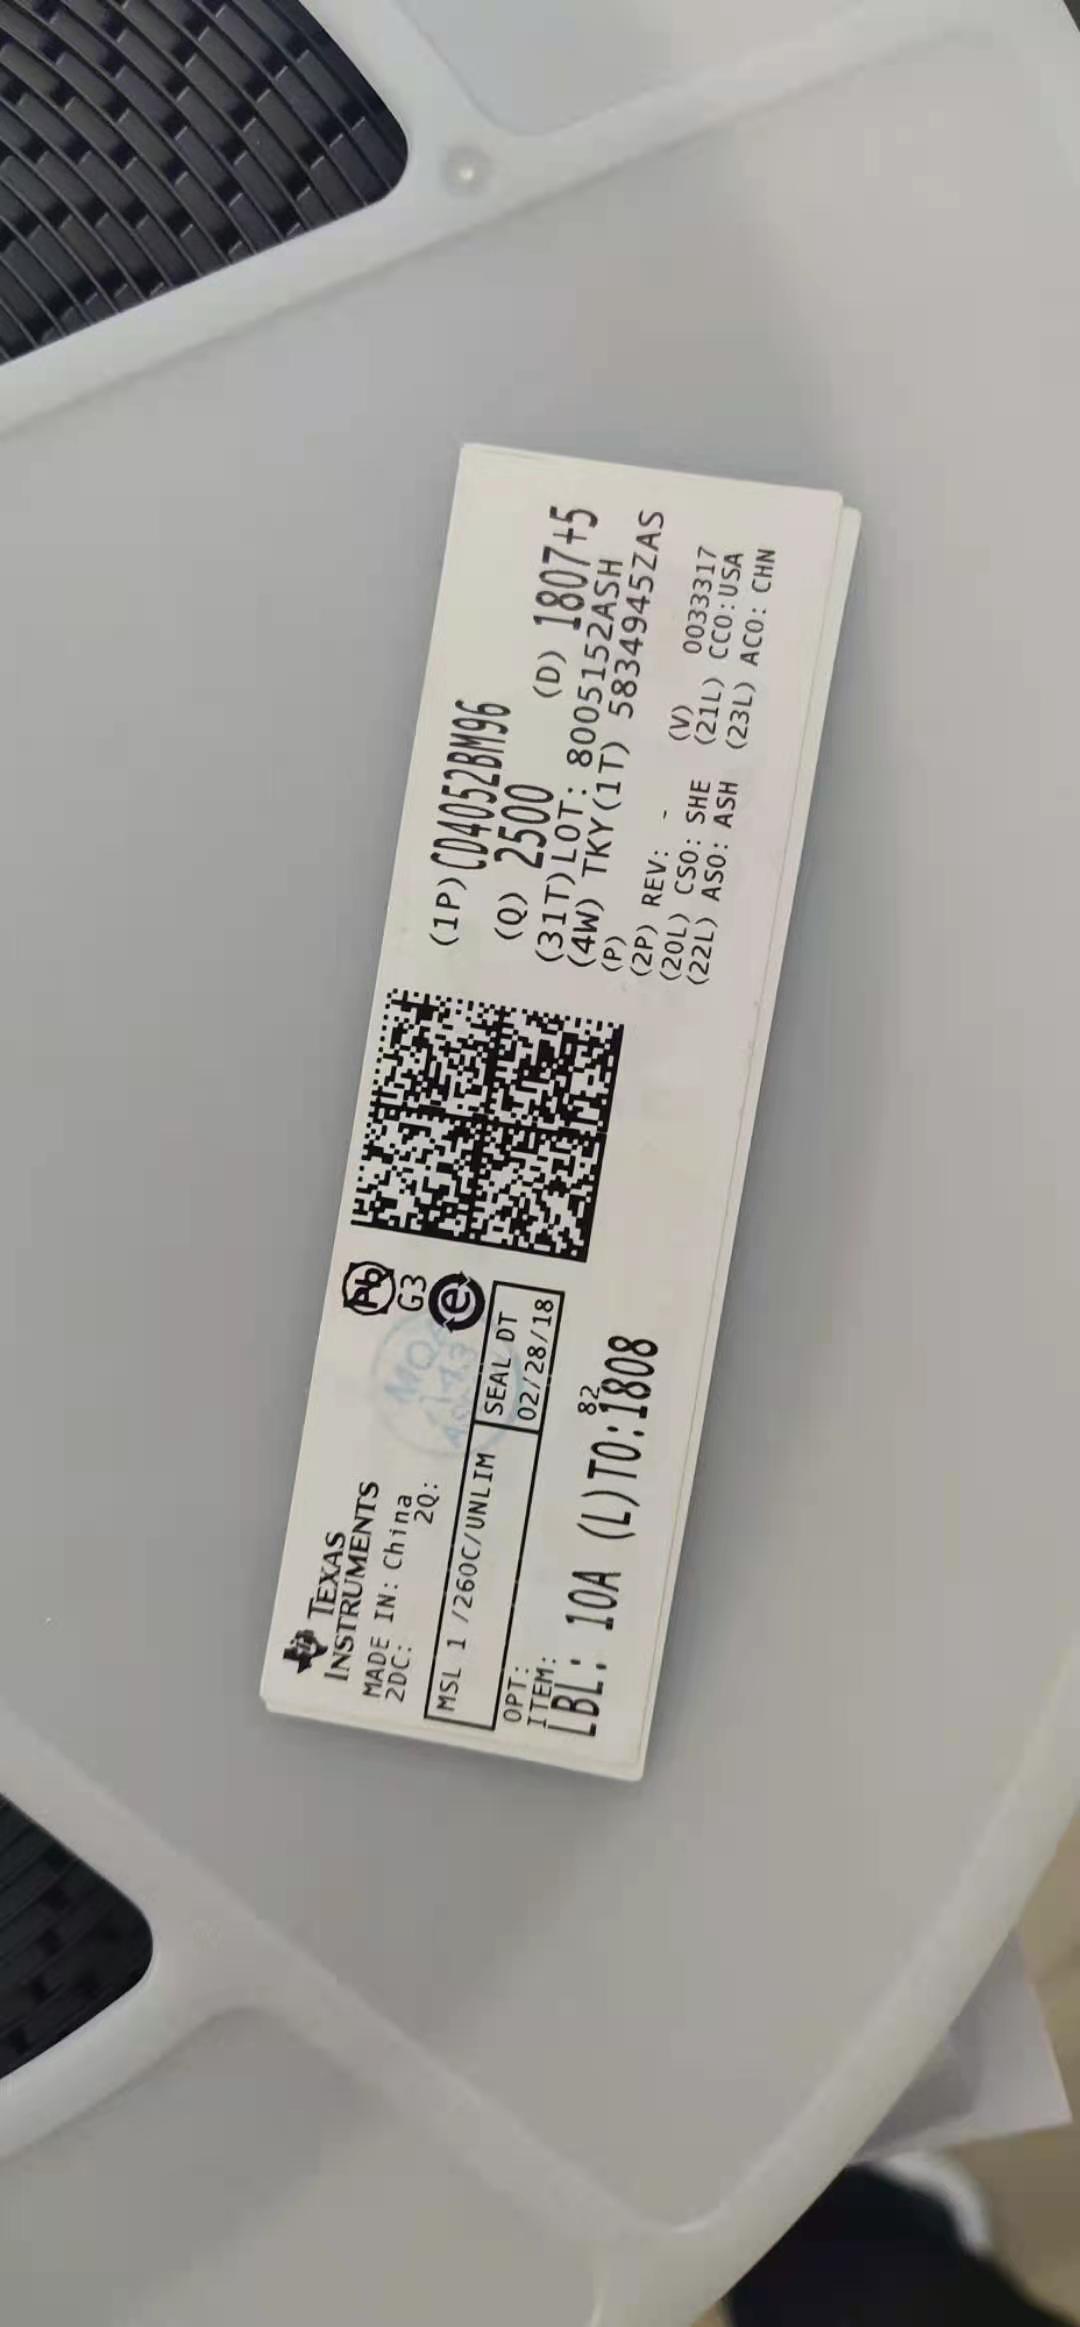 回收进口Cypress赛普拉斯芯片回收全新尾货